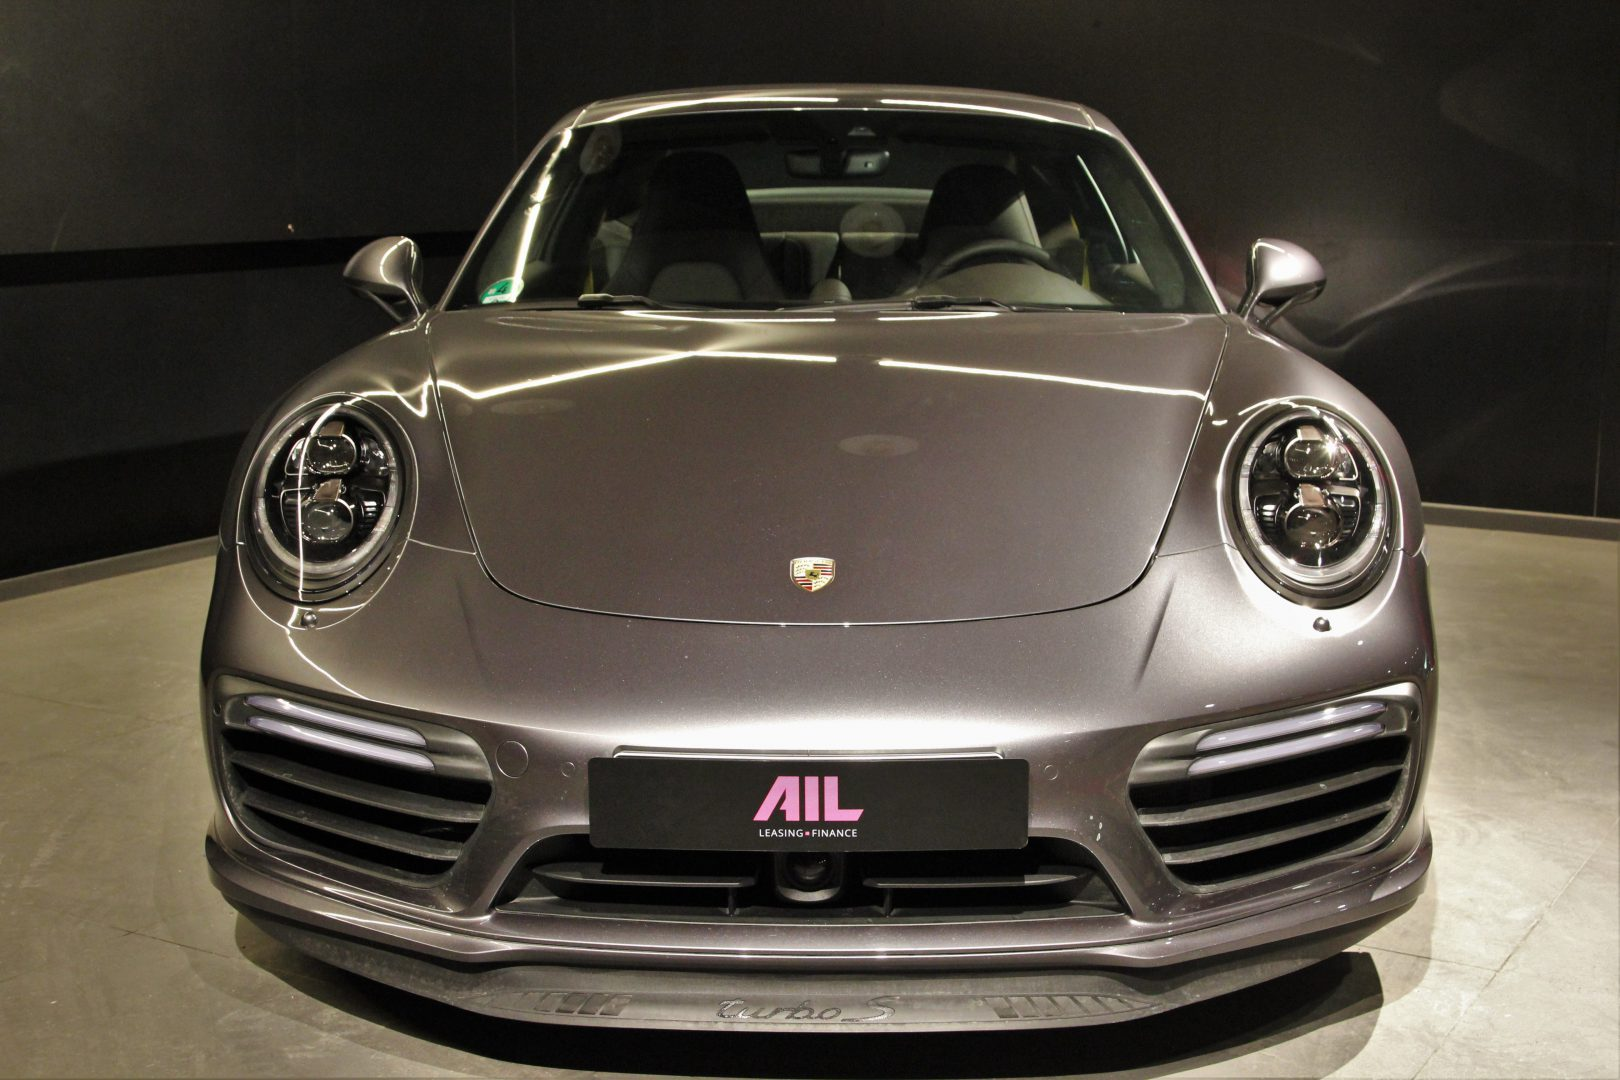 AIL Porsche 911 991 Turbo S Burmester PCCB LED  2